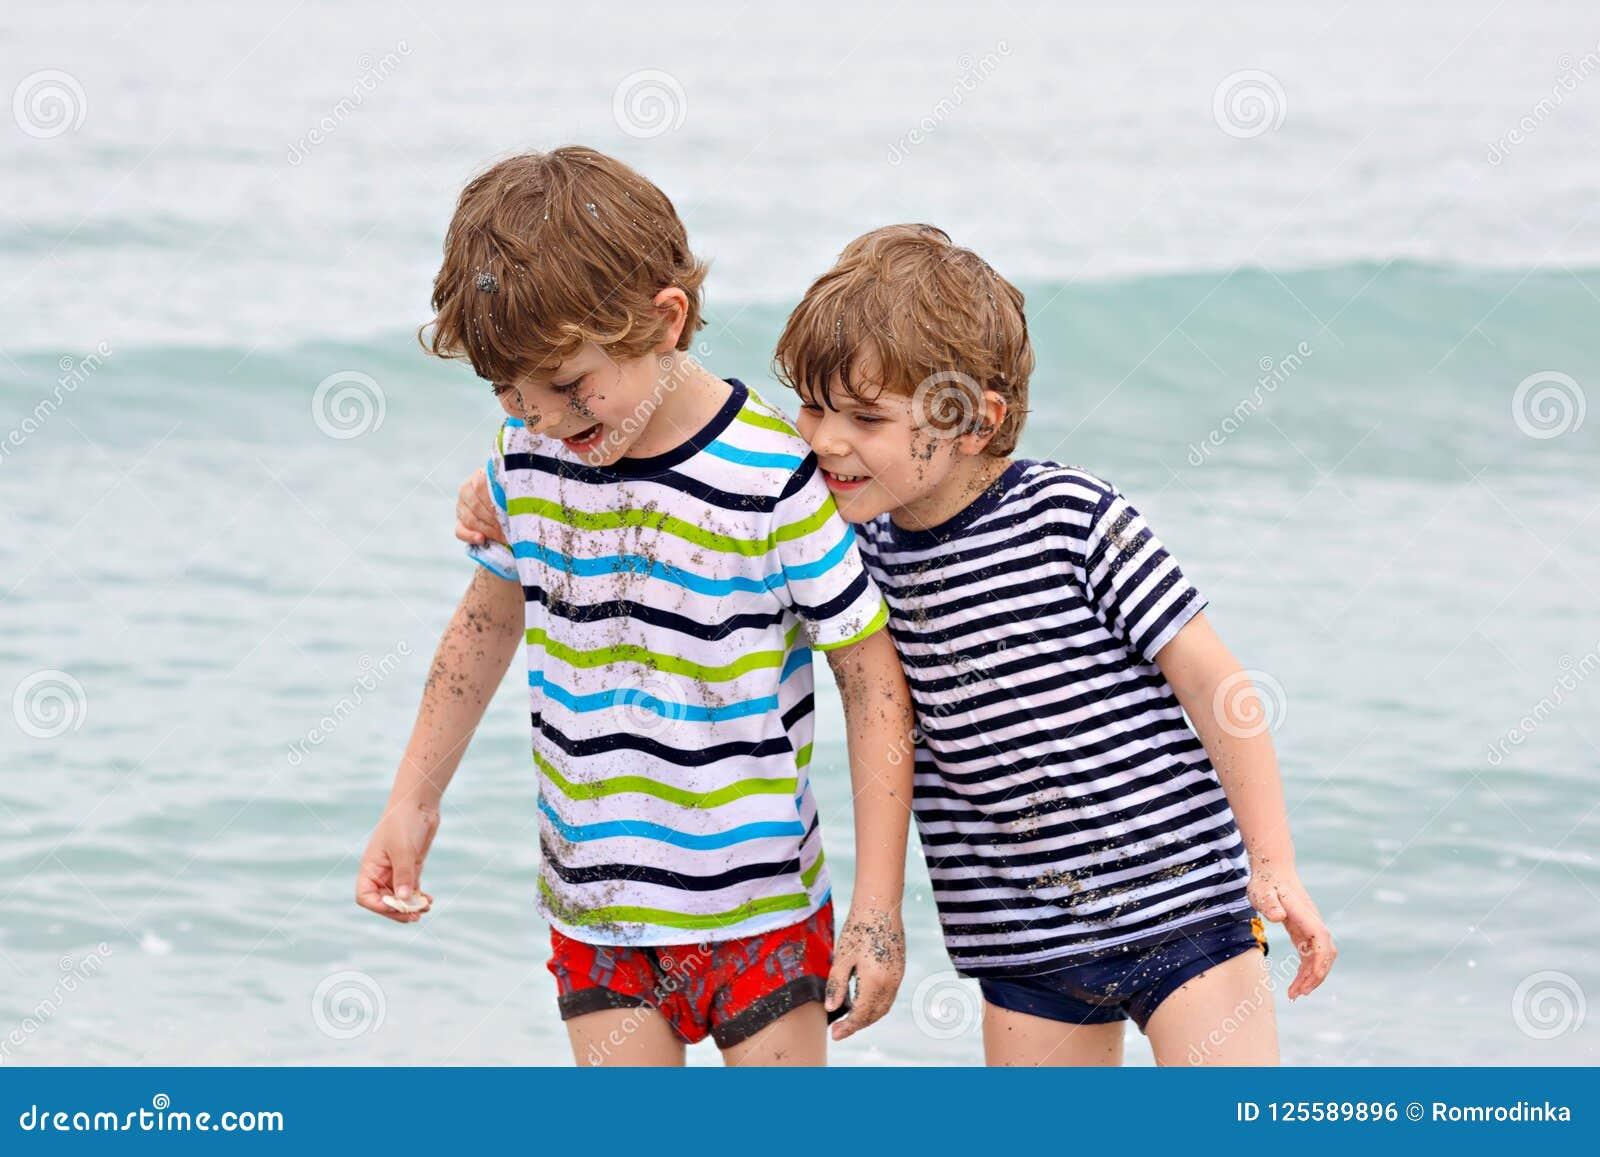 Δύο ευτυχή αγόρια παιδάκι που τρέχουν στην παραλία του ωκεανού Αστεία παραγωγή παιδιών, αμφιθαλών, διδύμων και καλύτερων φίλων